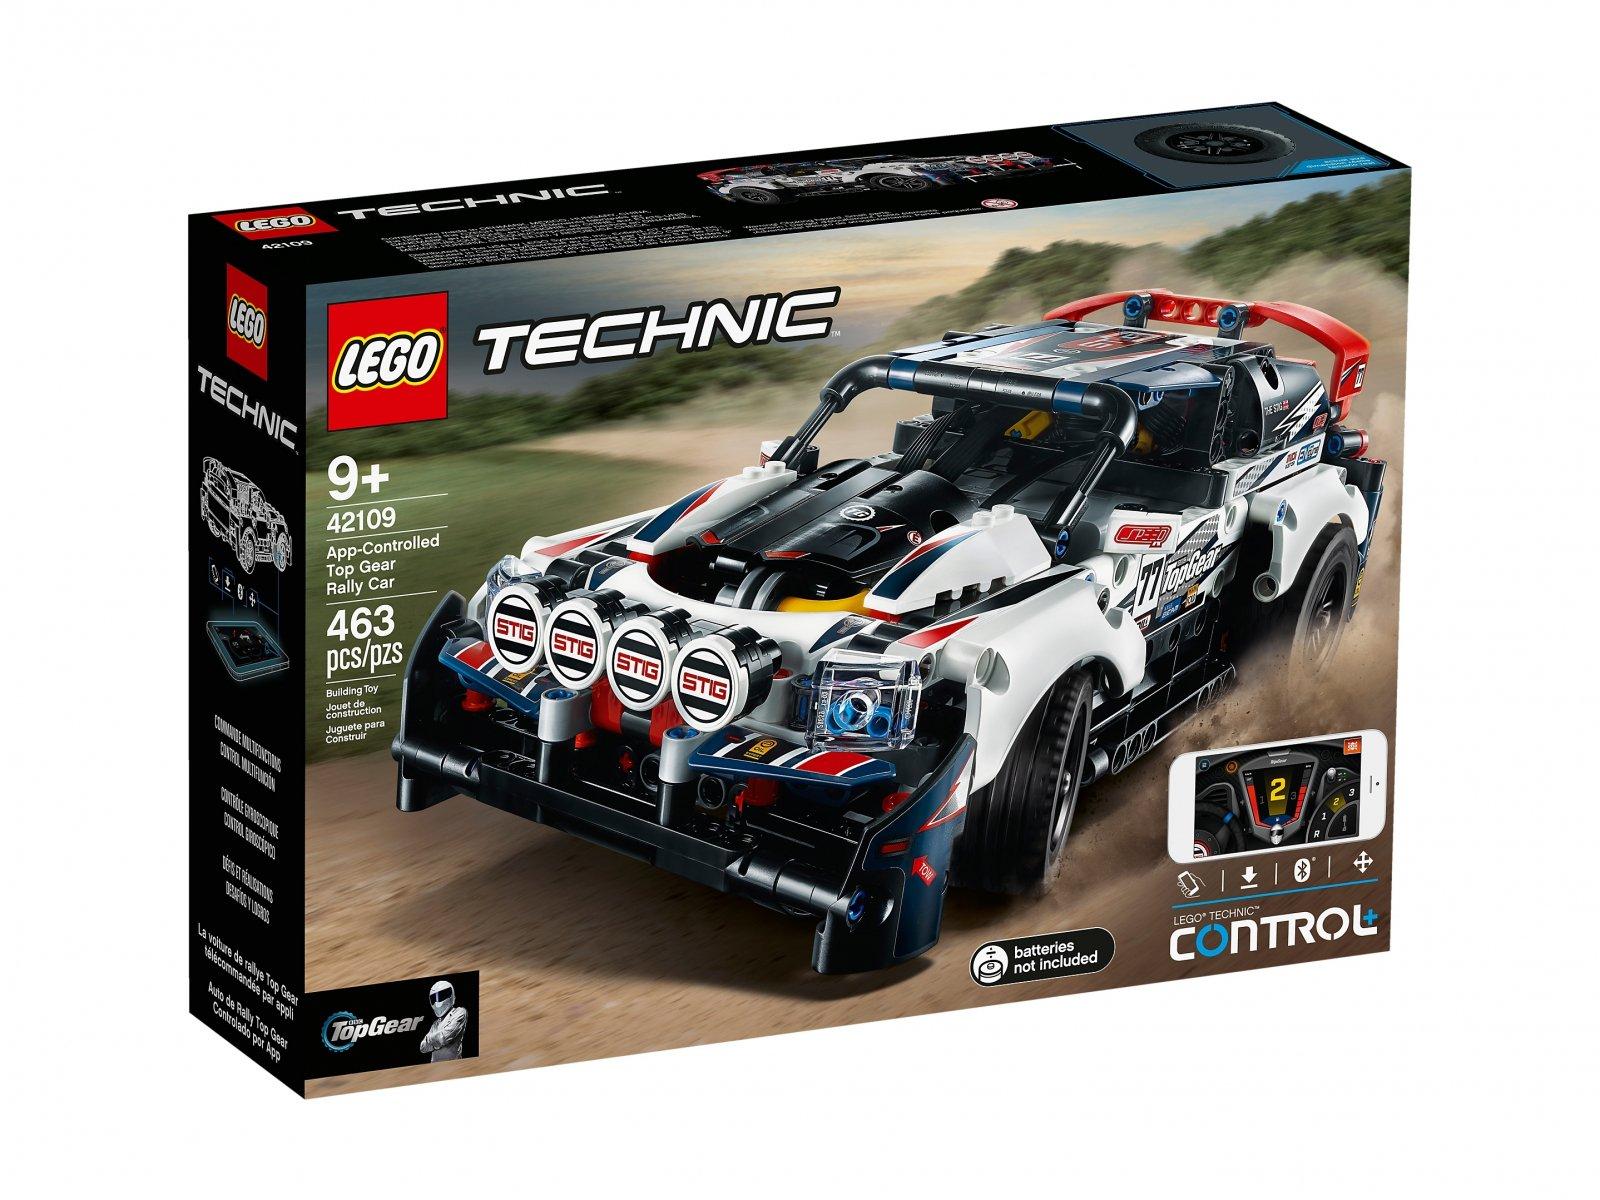 LEGO 42109 Technic Auto wyścigowe Top Gear sterowane przez aplikację